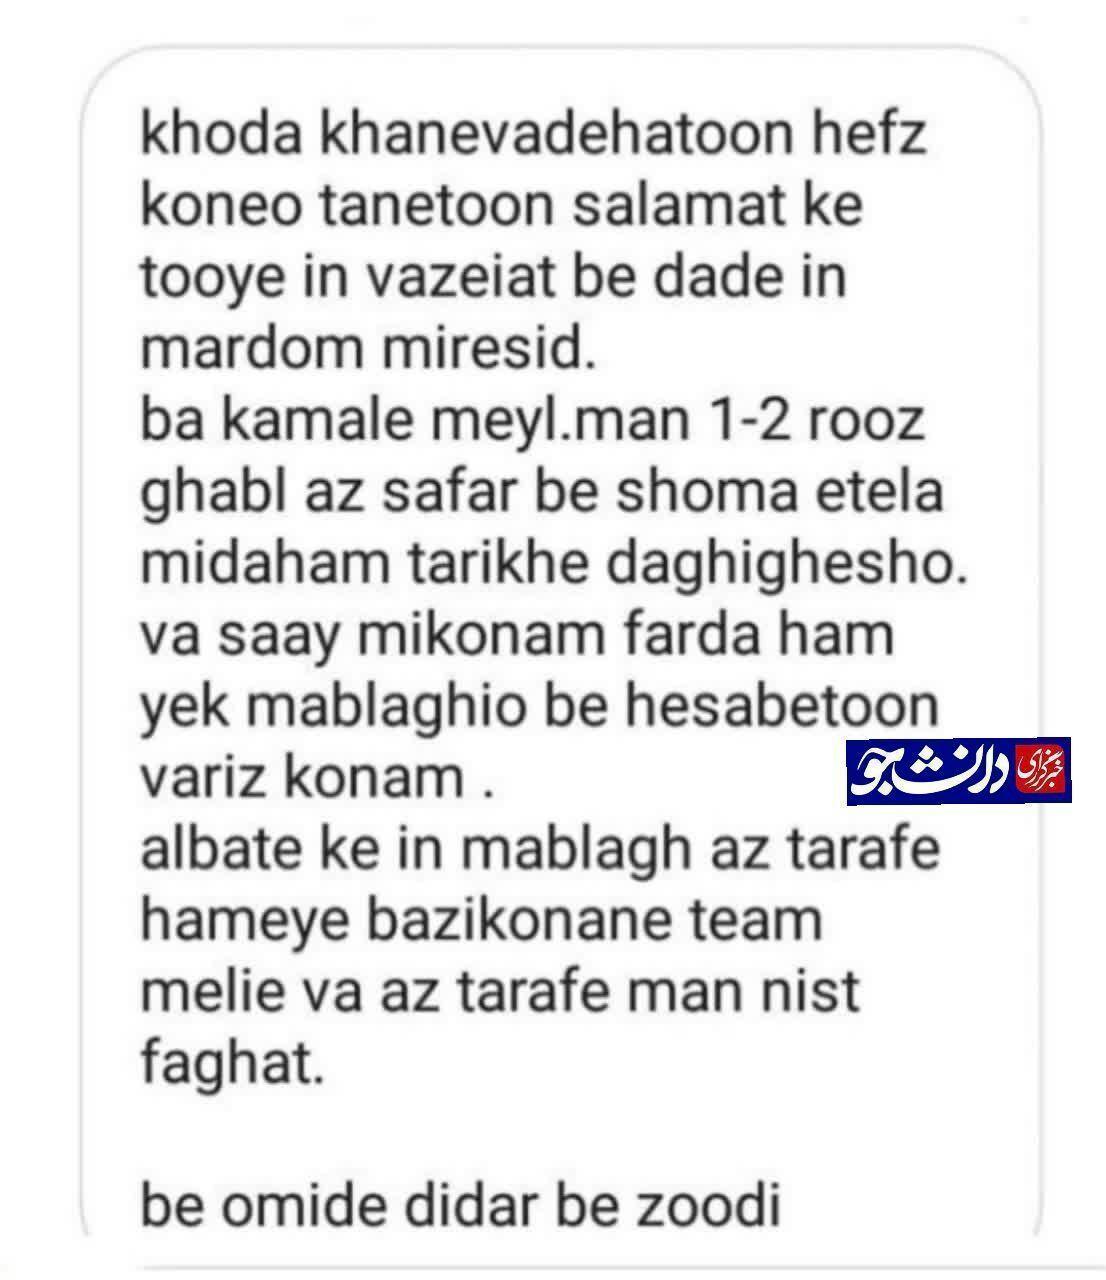 پاسخ کاپیتان تیم ملی به نامه دانشجویان بسیجی/ شجاعی: با کمال میل در اردوی جهادی شرکت میکنم